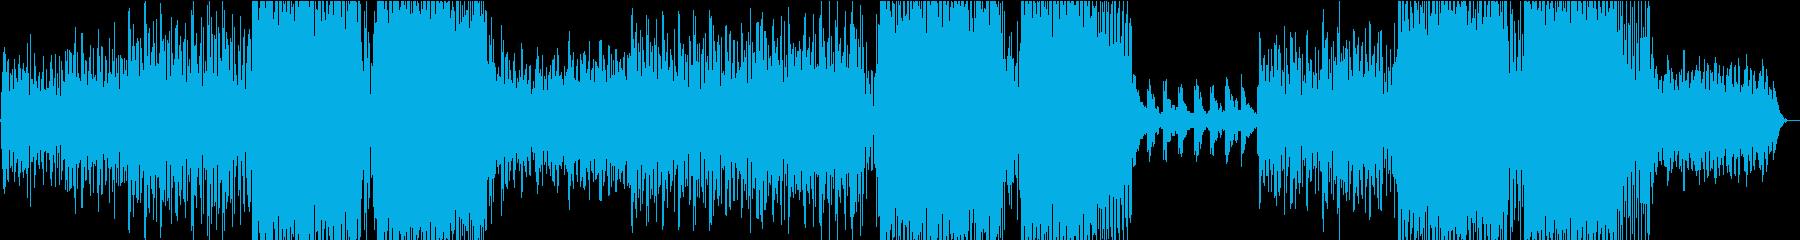 南国リゾ~ト!耳に残るトロピカルハウスの再生済みの波形